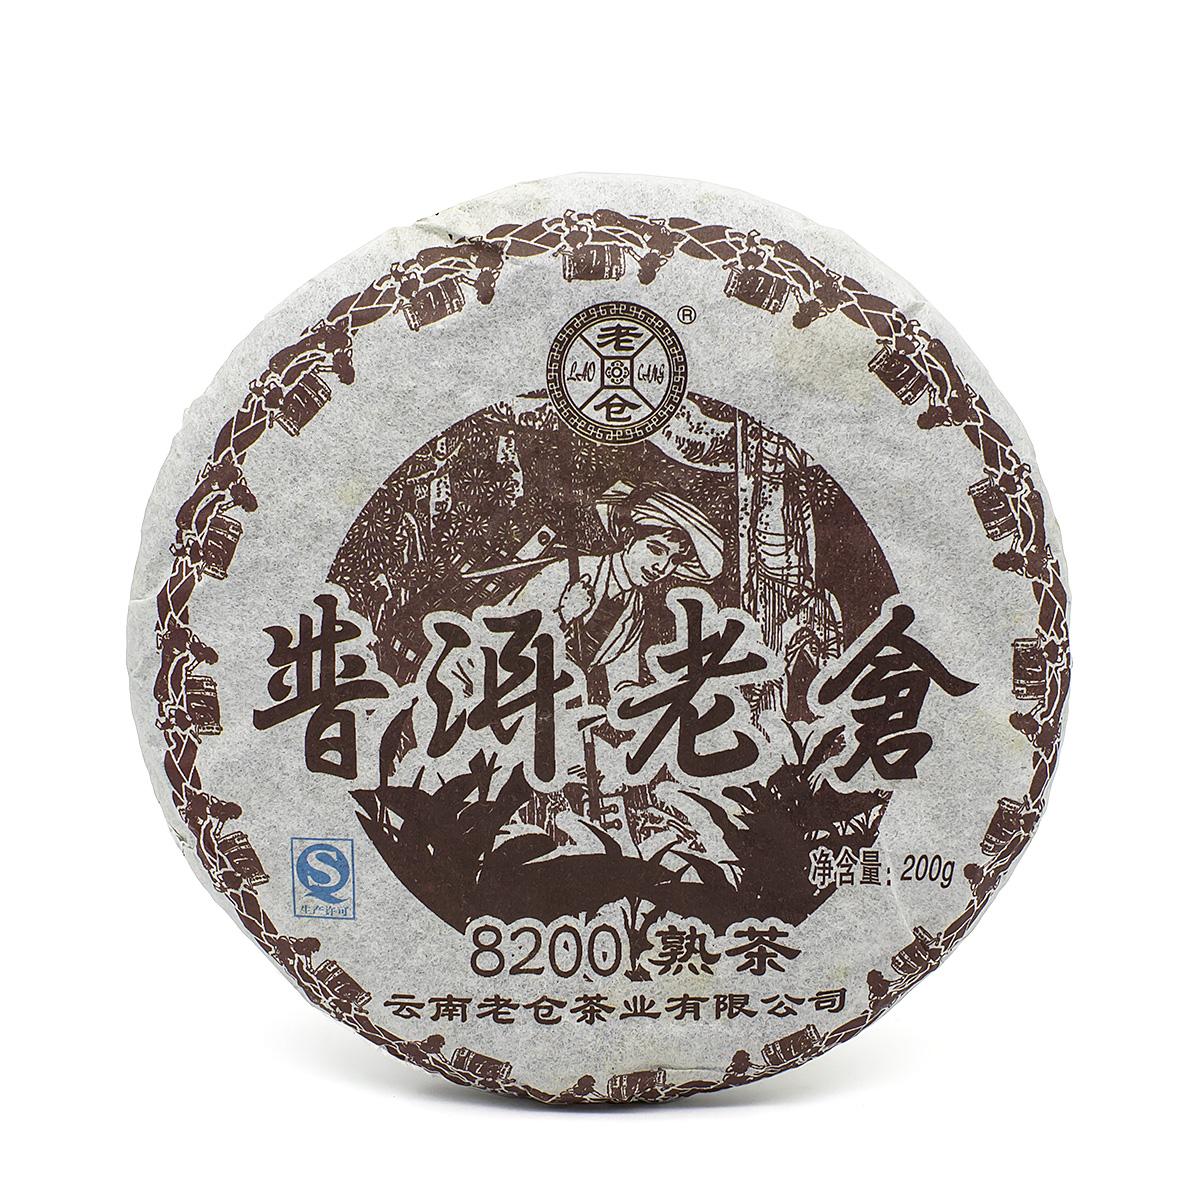 Купить со скидкой Шу Пуэр Лао Чанг №8200, блин, 200 г (уцененный товар)